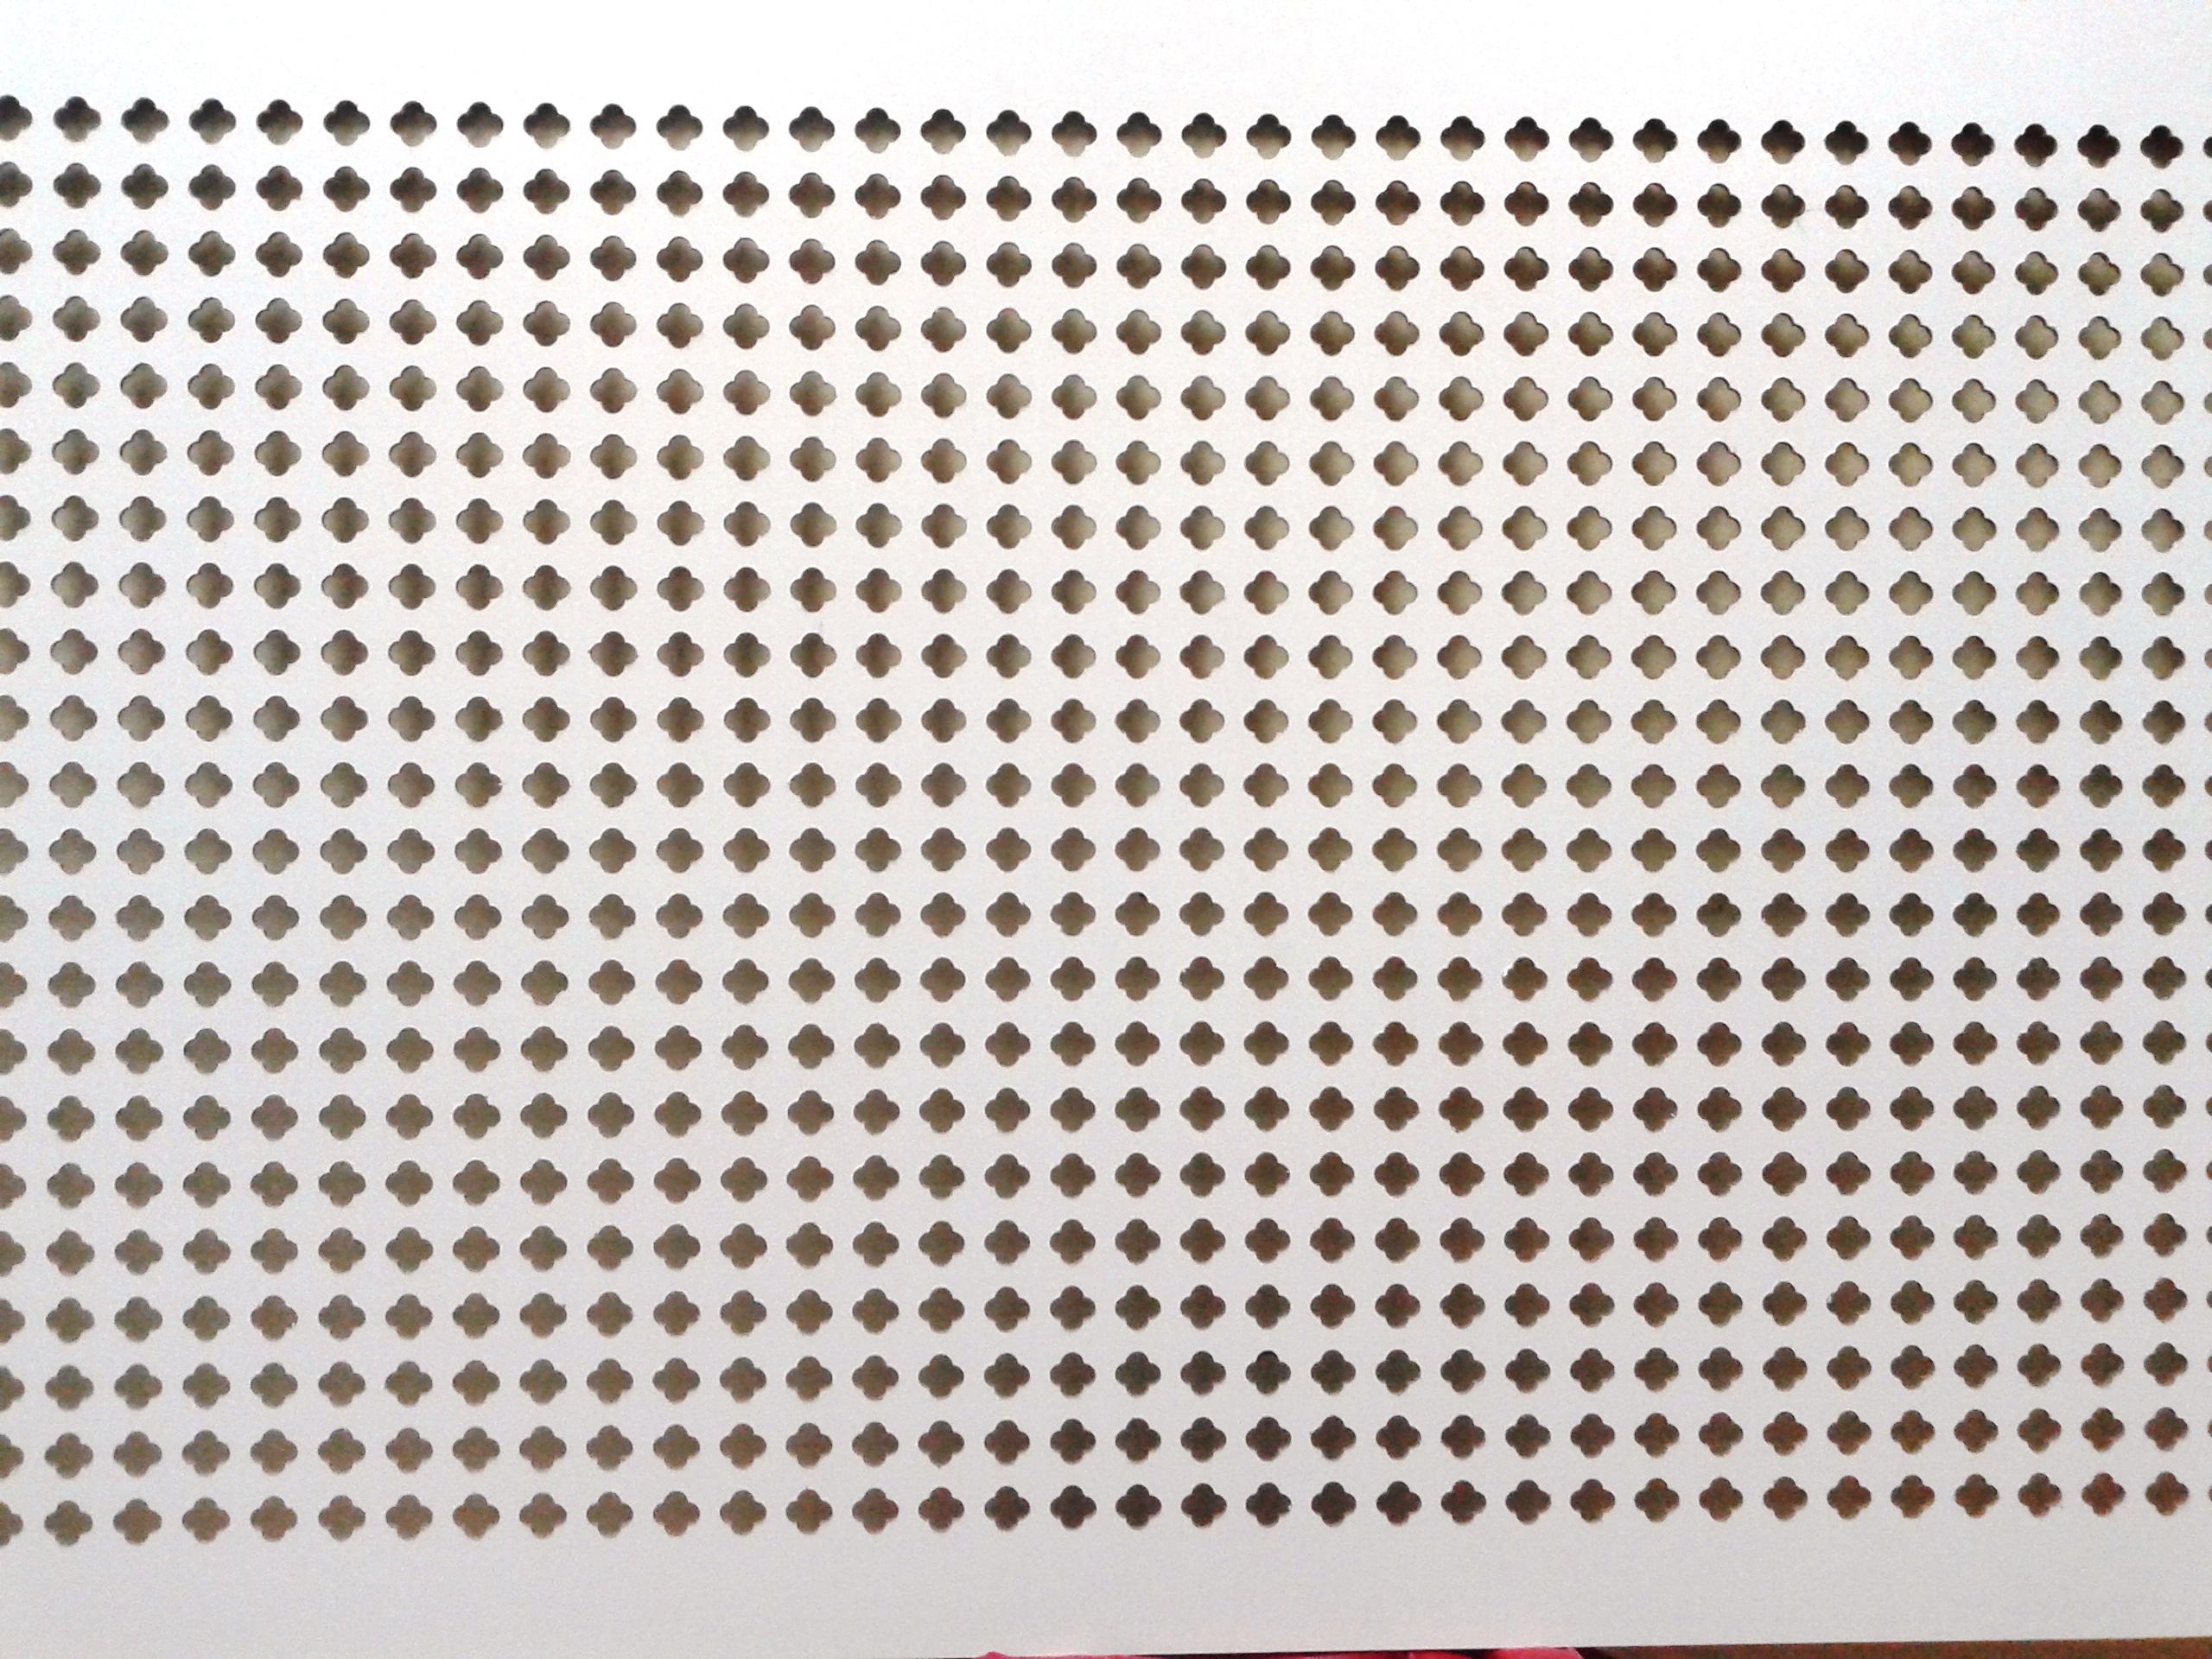 Перфорированные панели для радиаторов Maltese cross (Мальта)